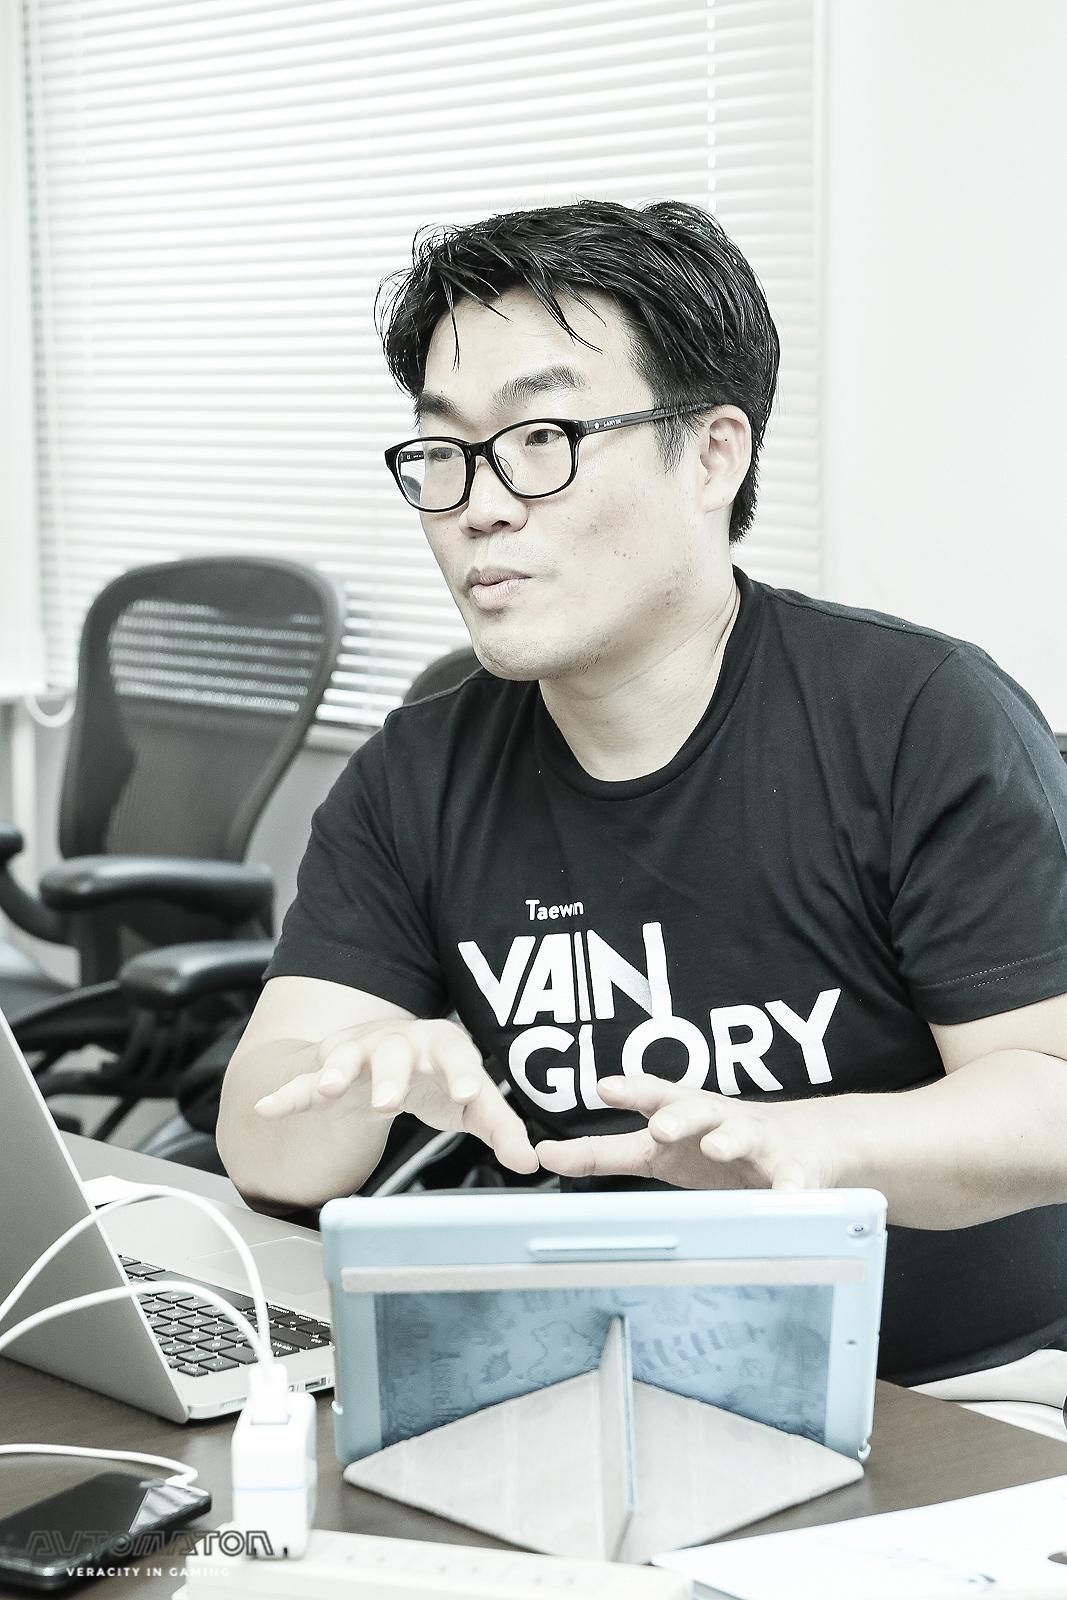 ユン・テウォン氏